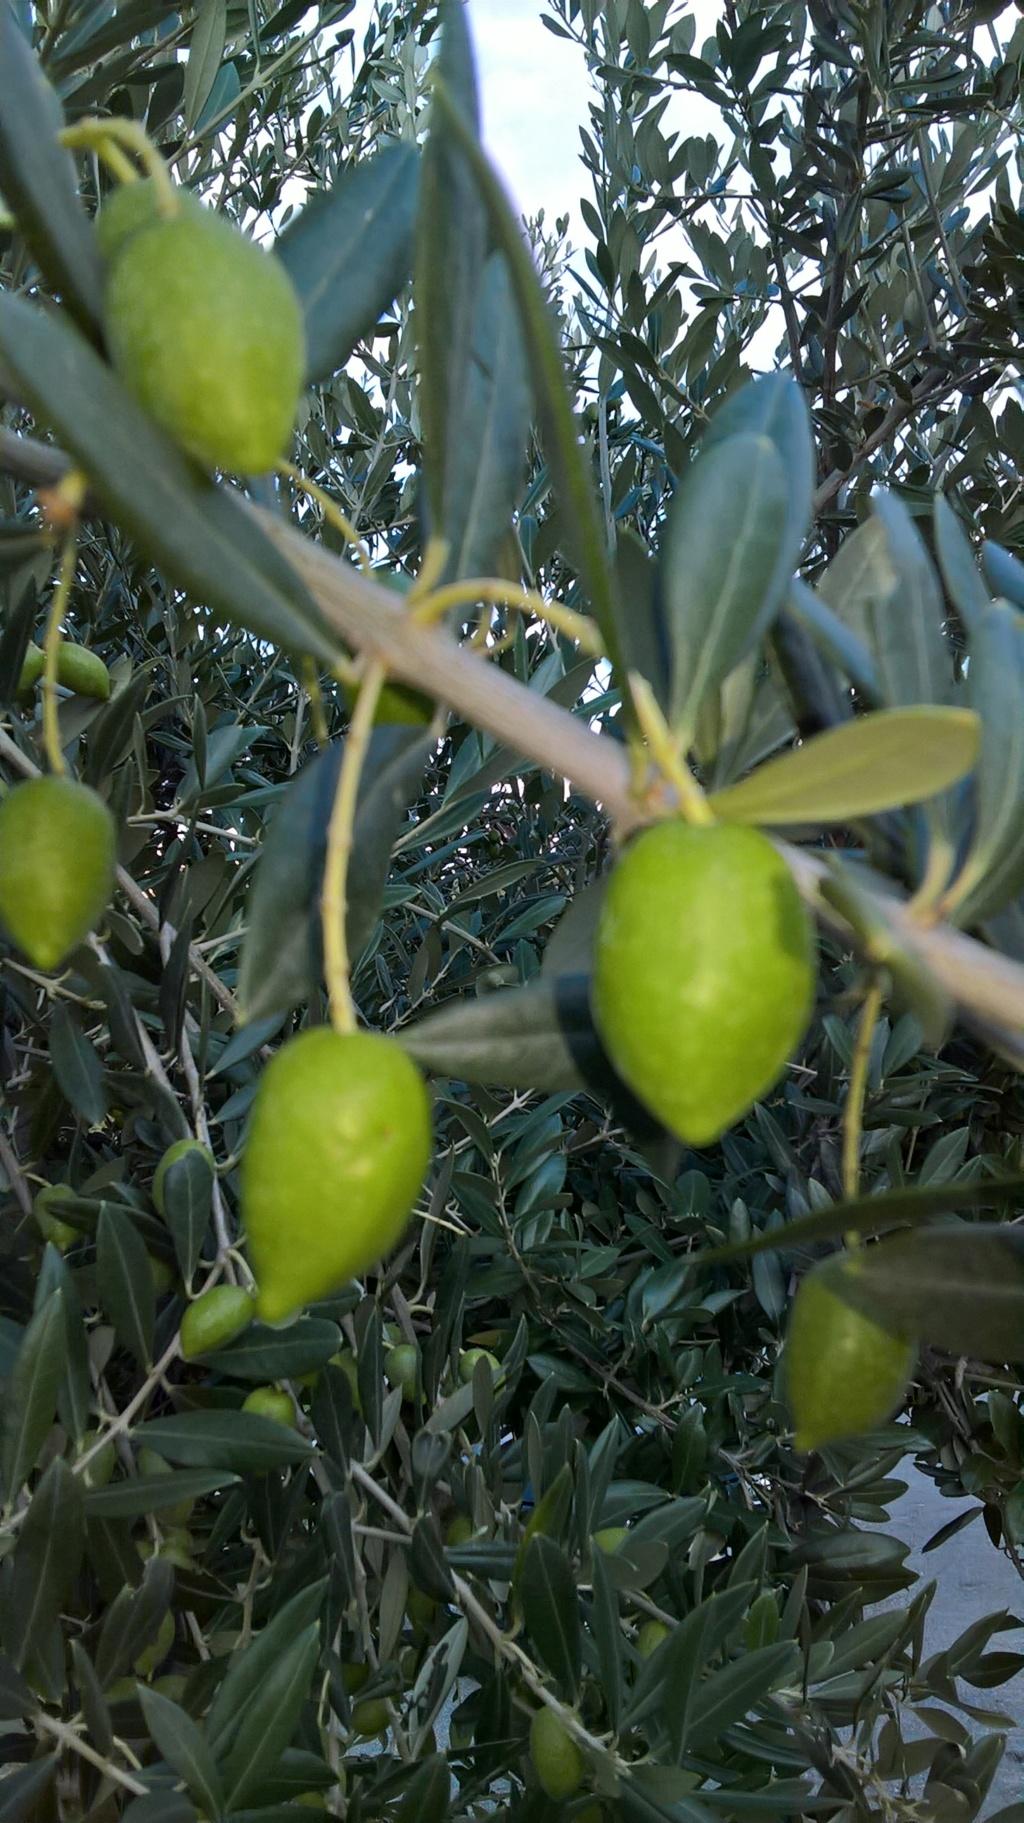 ¿Qué variedad son estos olivos? (Croacia) Wp_20124